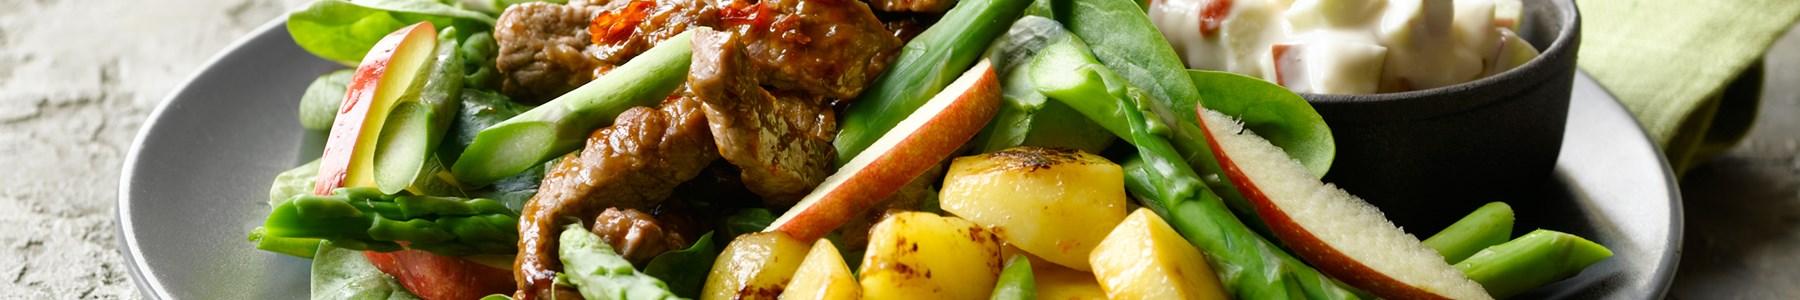 Hurtig + Salater + Okseklump